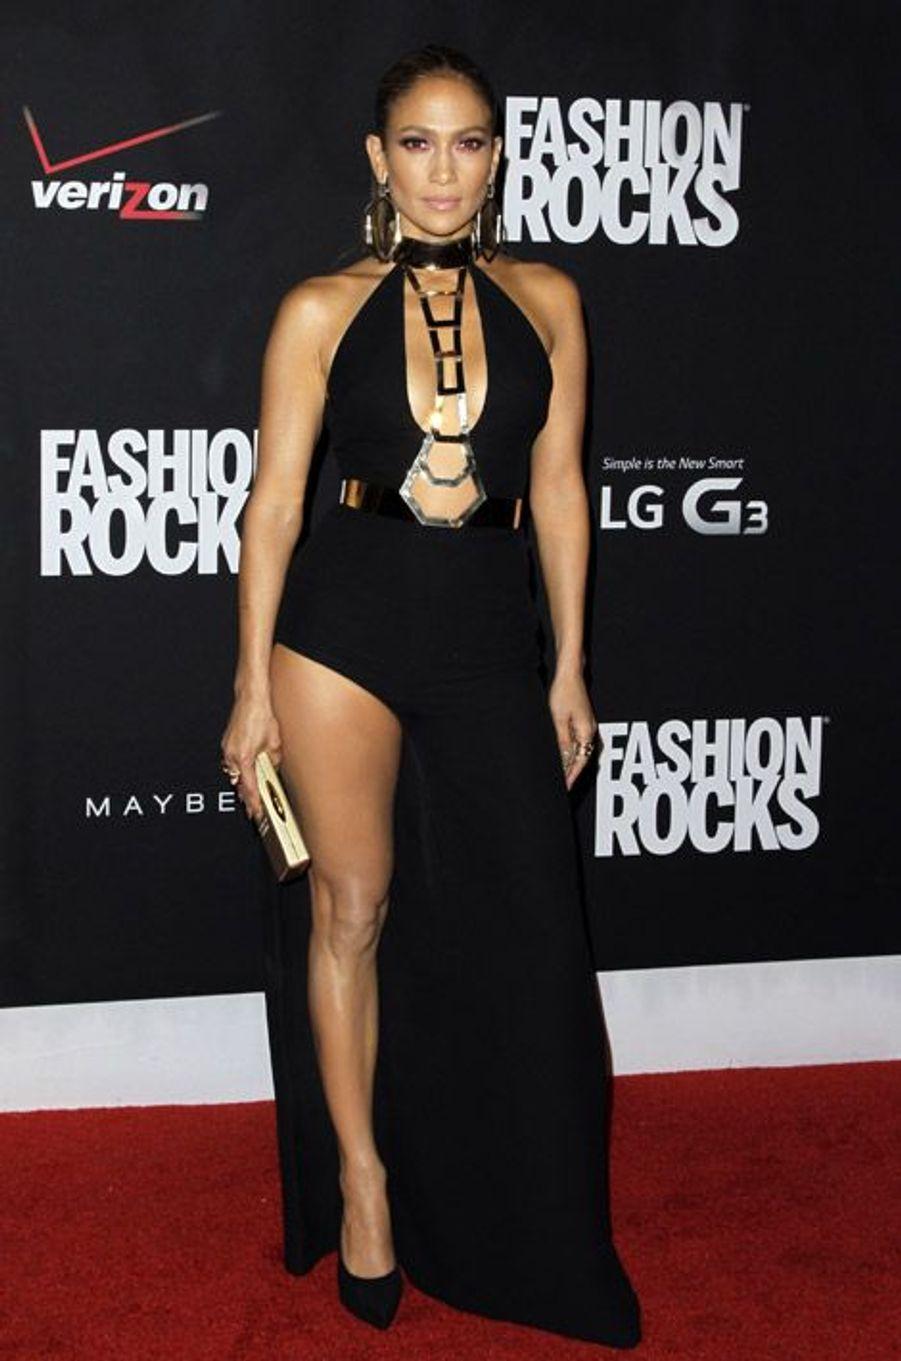 La chanteuse Jennifer Lopez lors de la soirée Fashion Rocks, à New York, le 9 septembre 2014